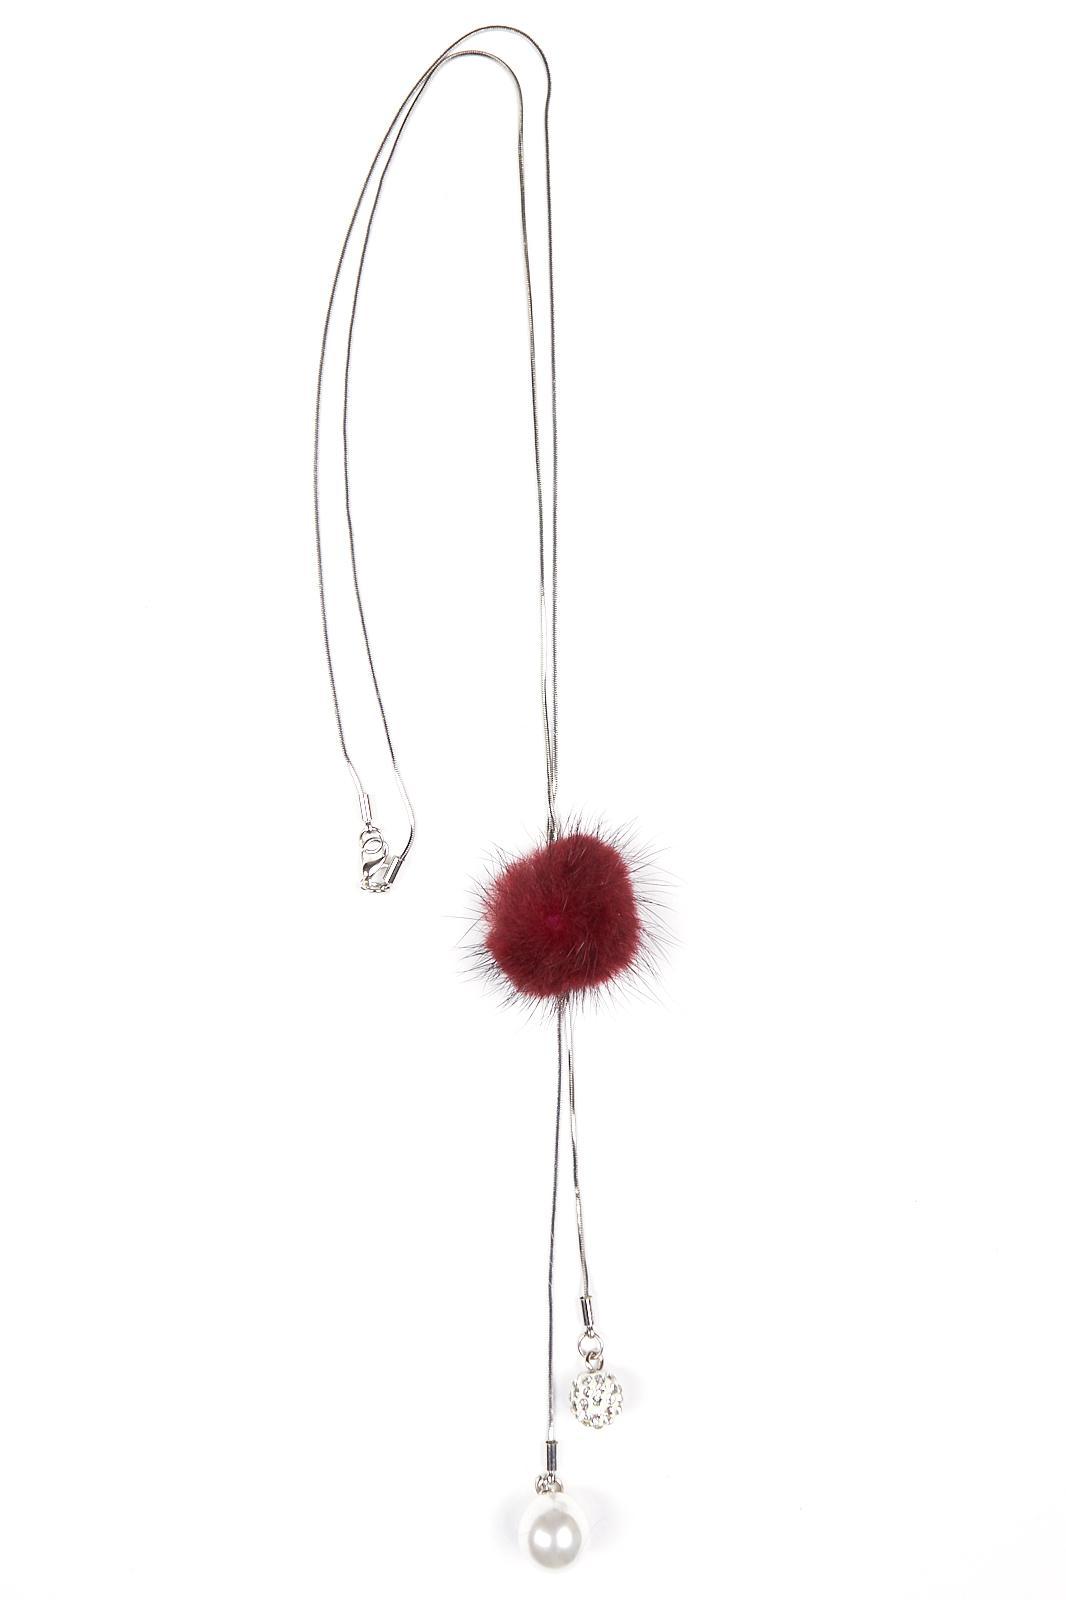 Купить Подвеска Fashion Jewelry, Подвеска 9705 серебро+бордовый, Китай